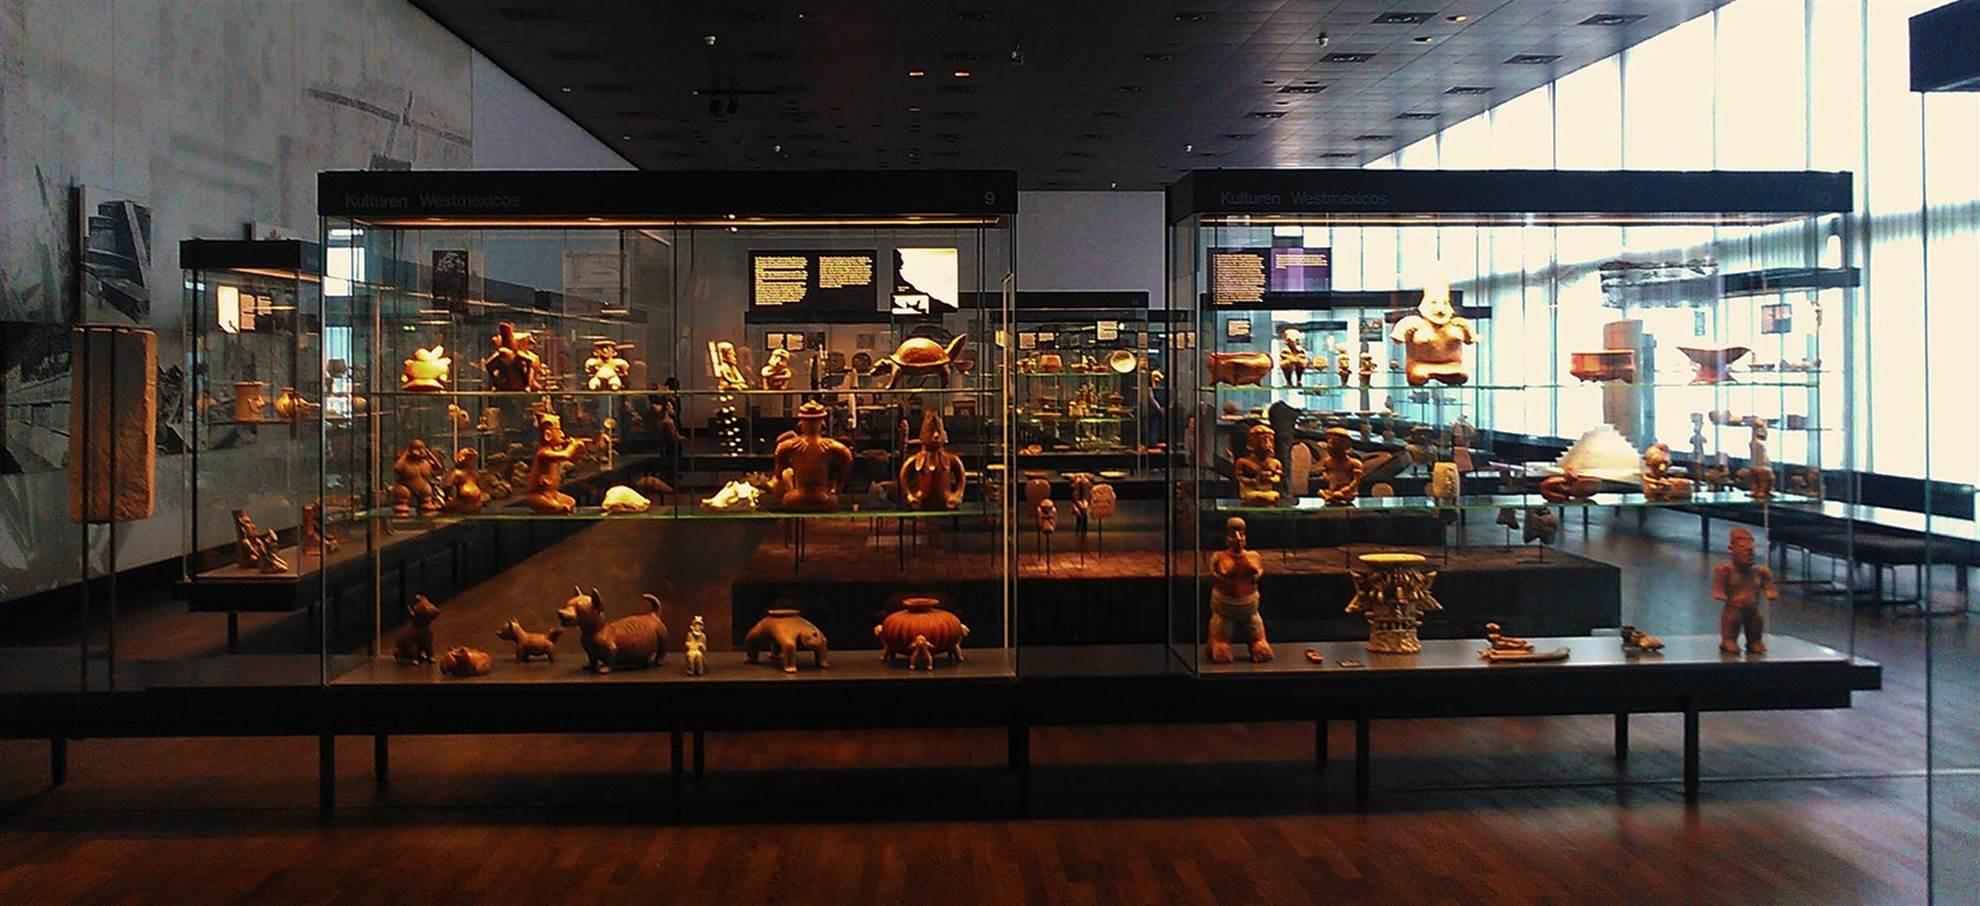 Dahlem Museums